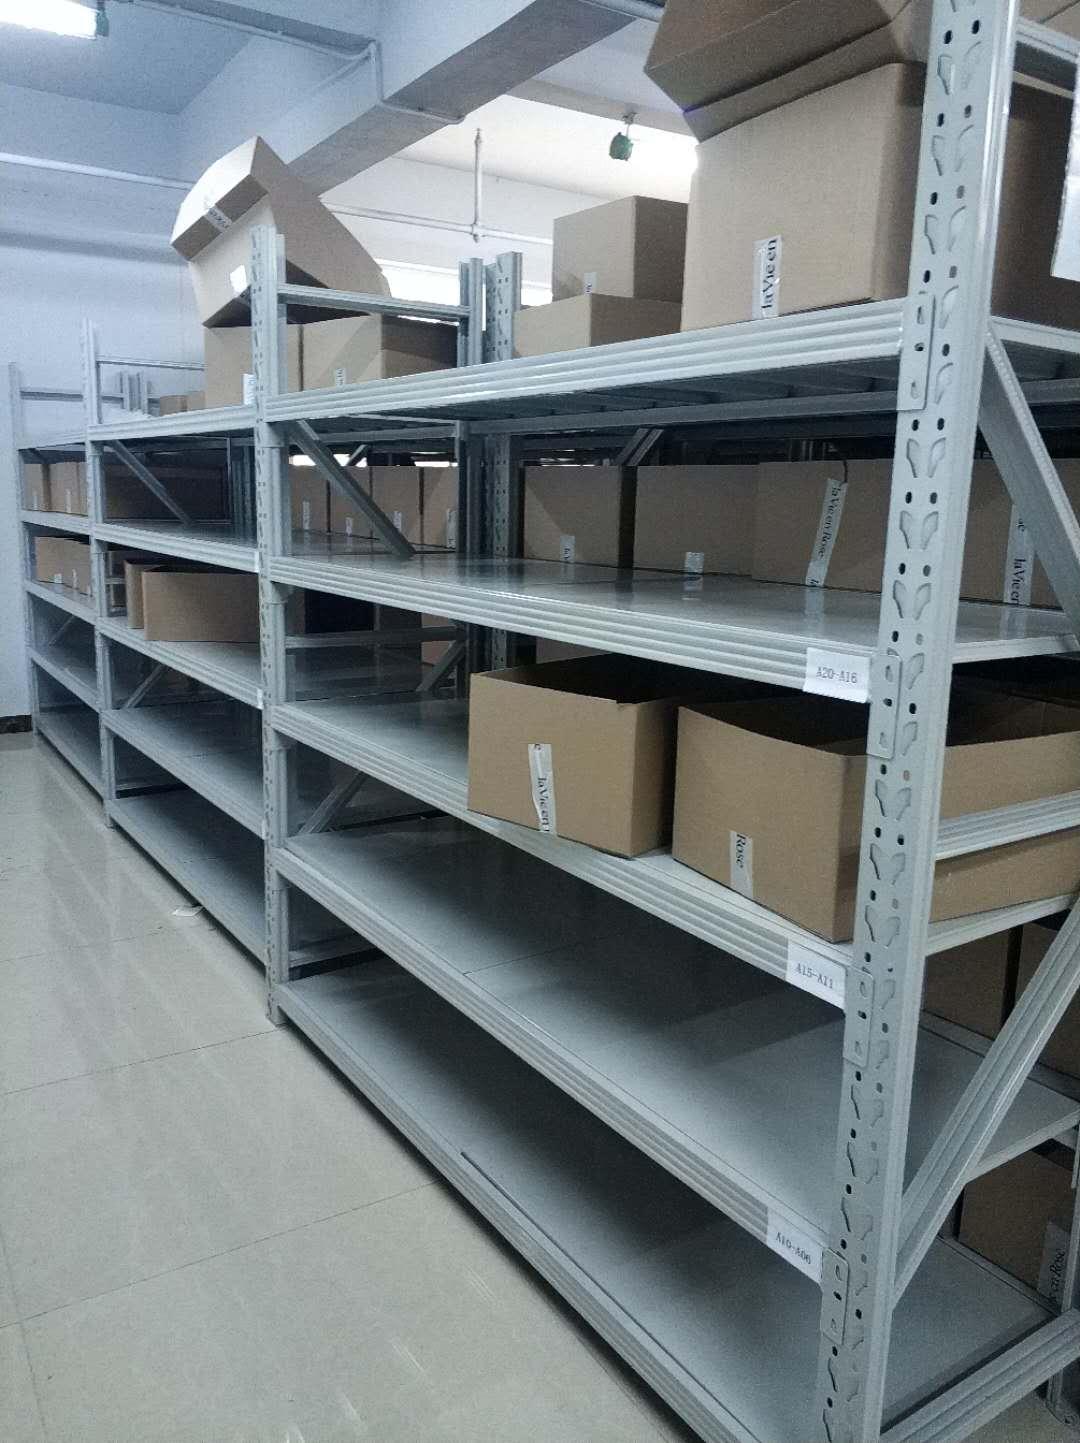 二手货架供应 可调仓储置物货架 横梁式金属货架厂家批发